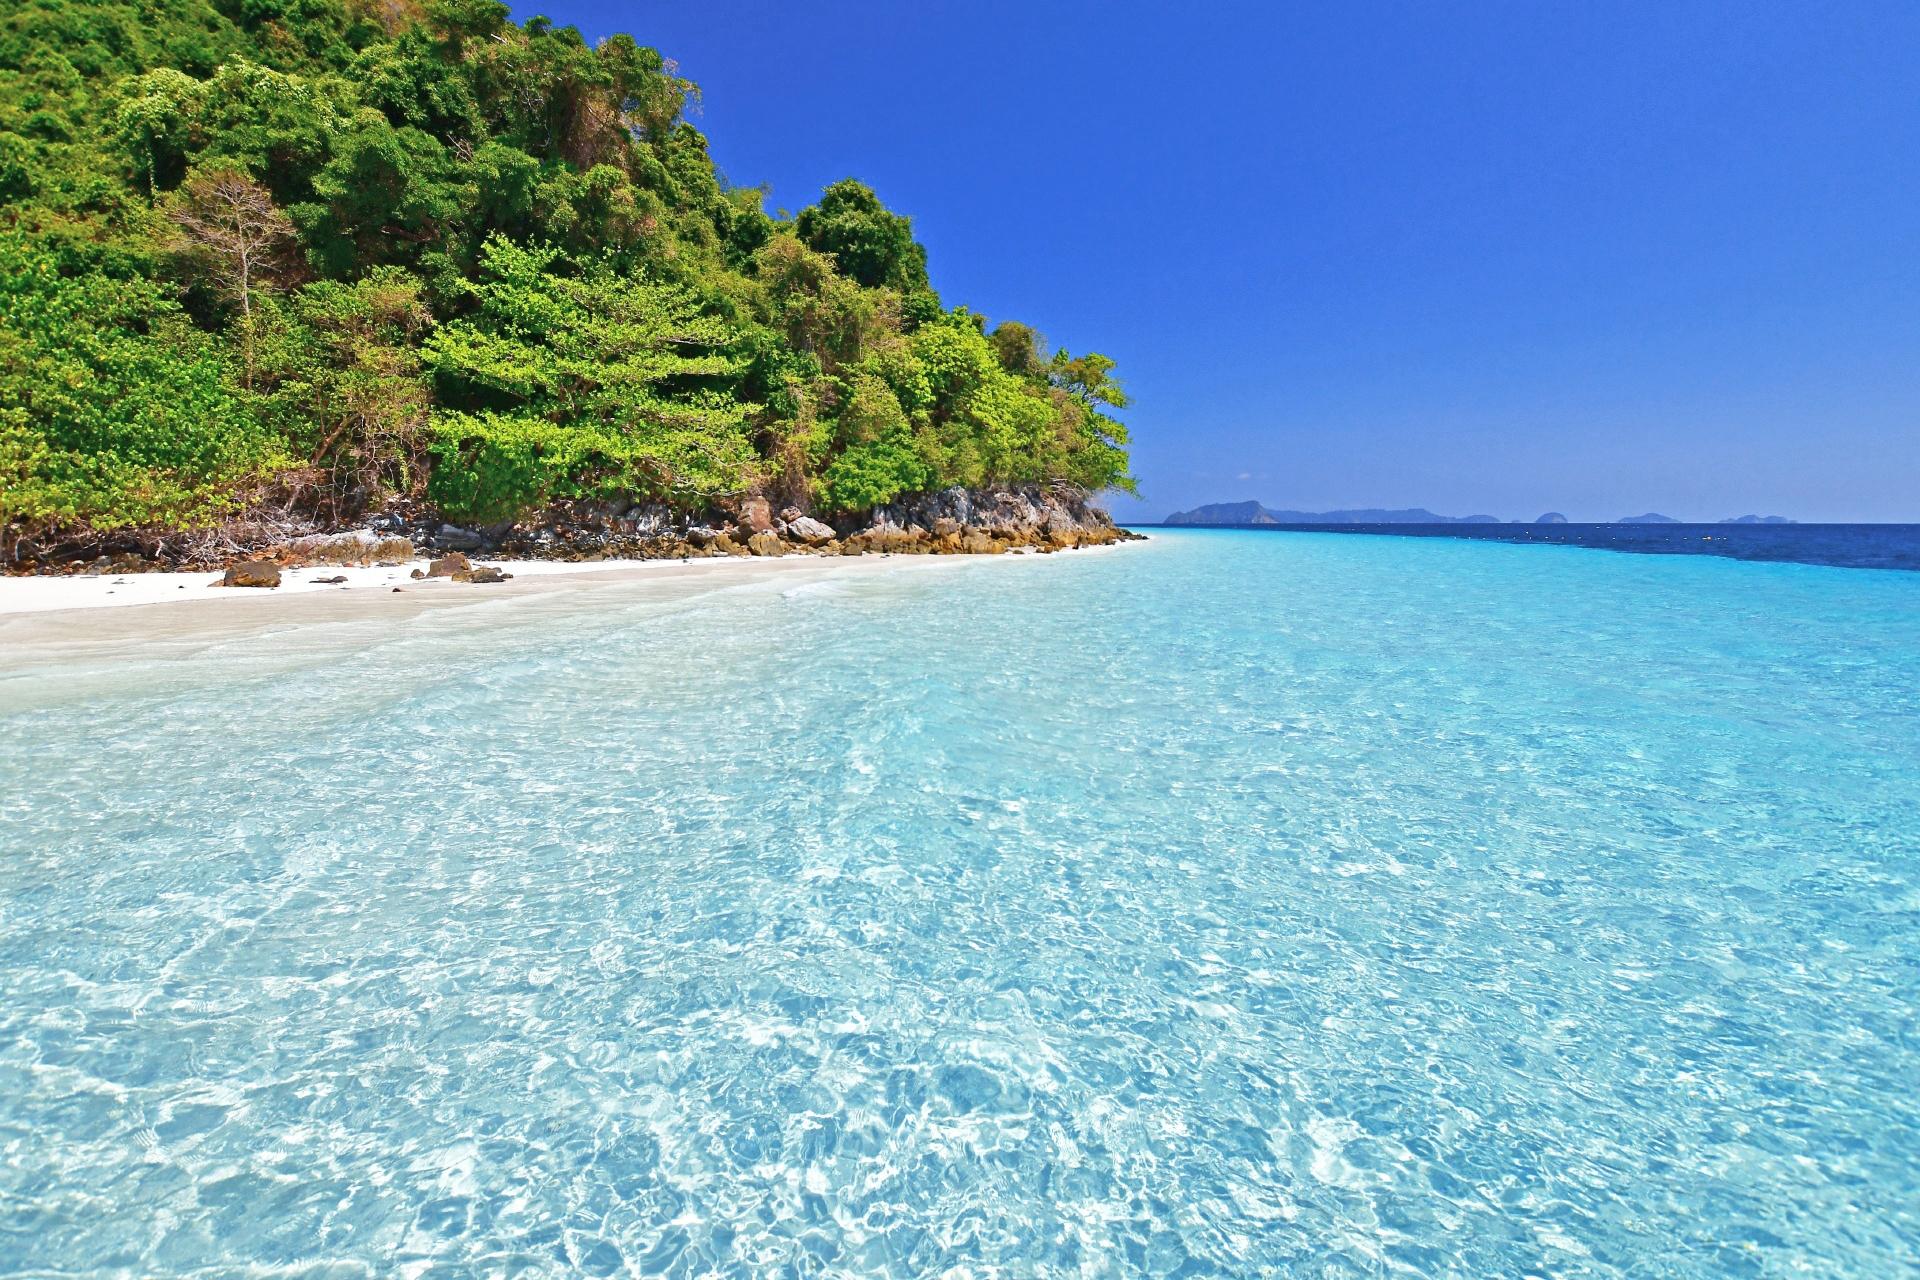 アンダマン海 ミャンマーの海